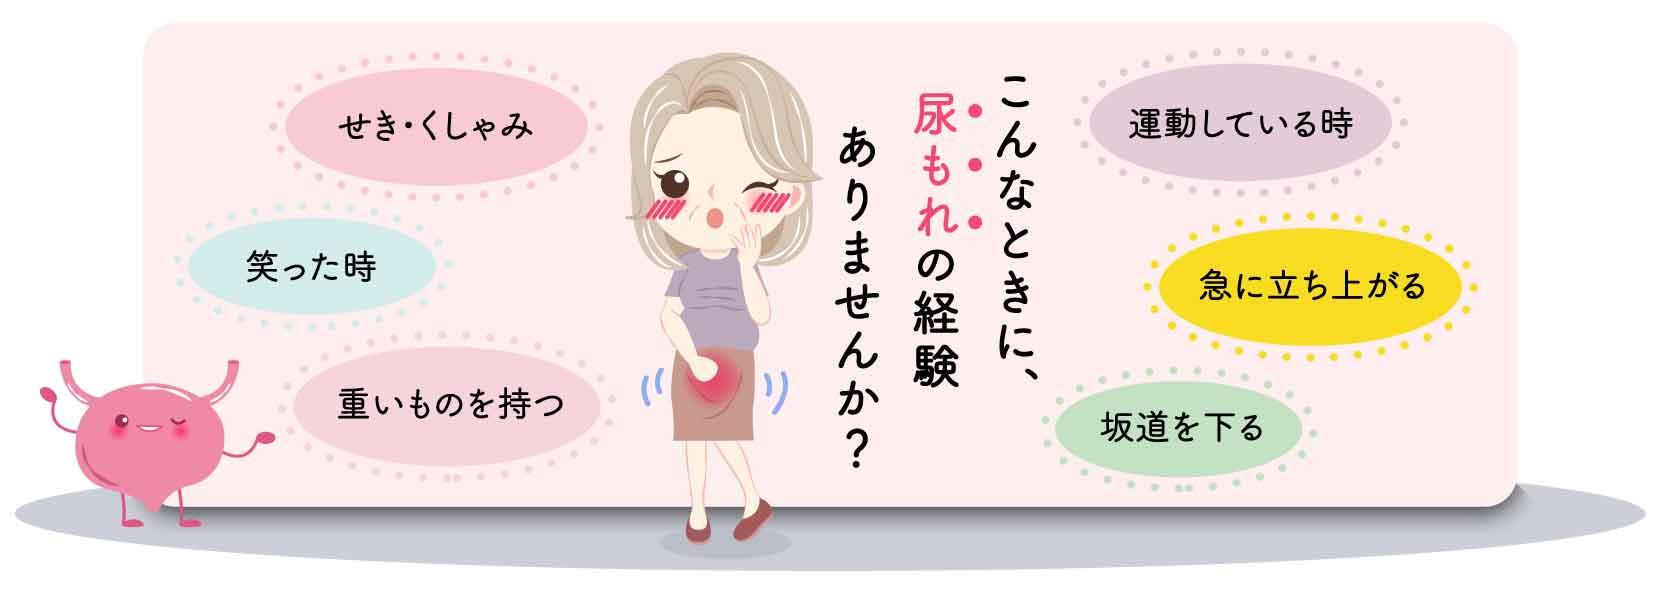 尿失禁(尿漏れ)の症状